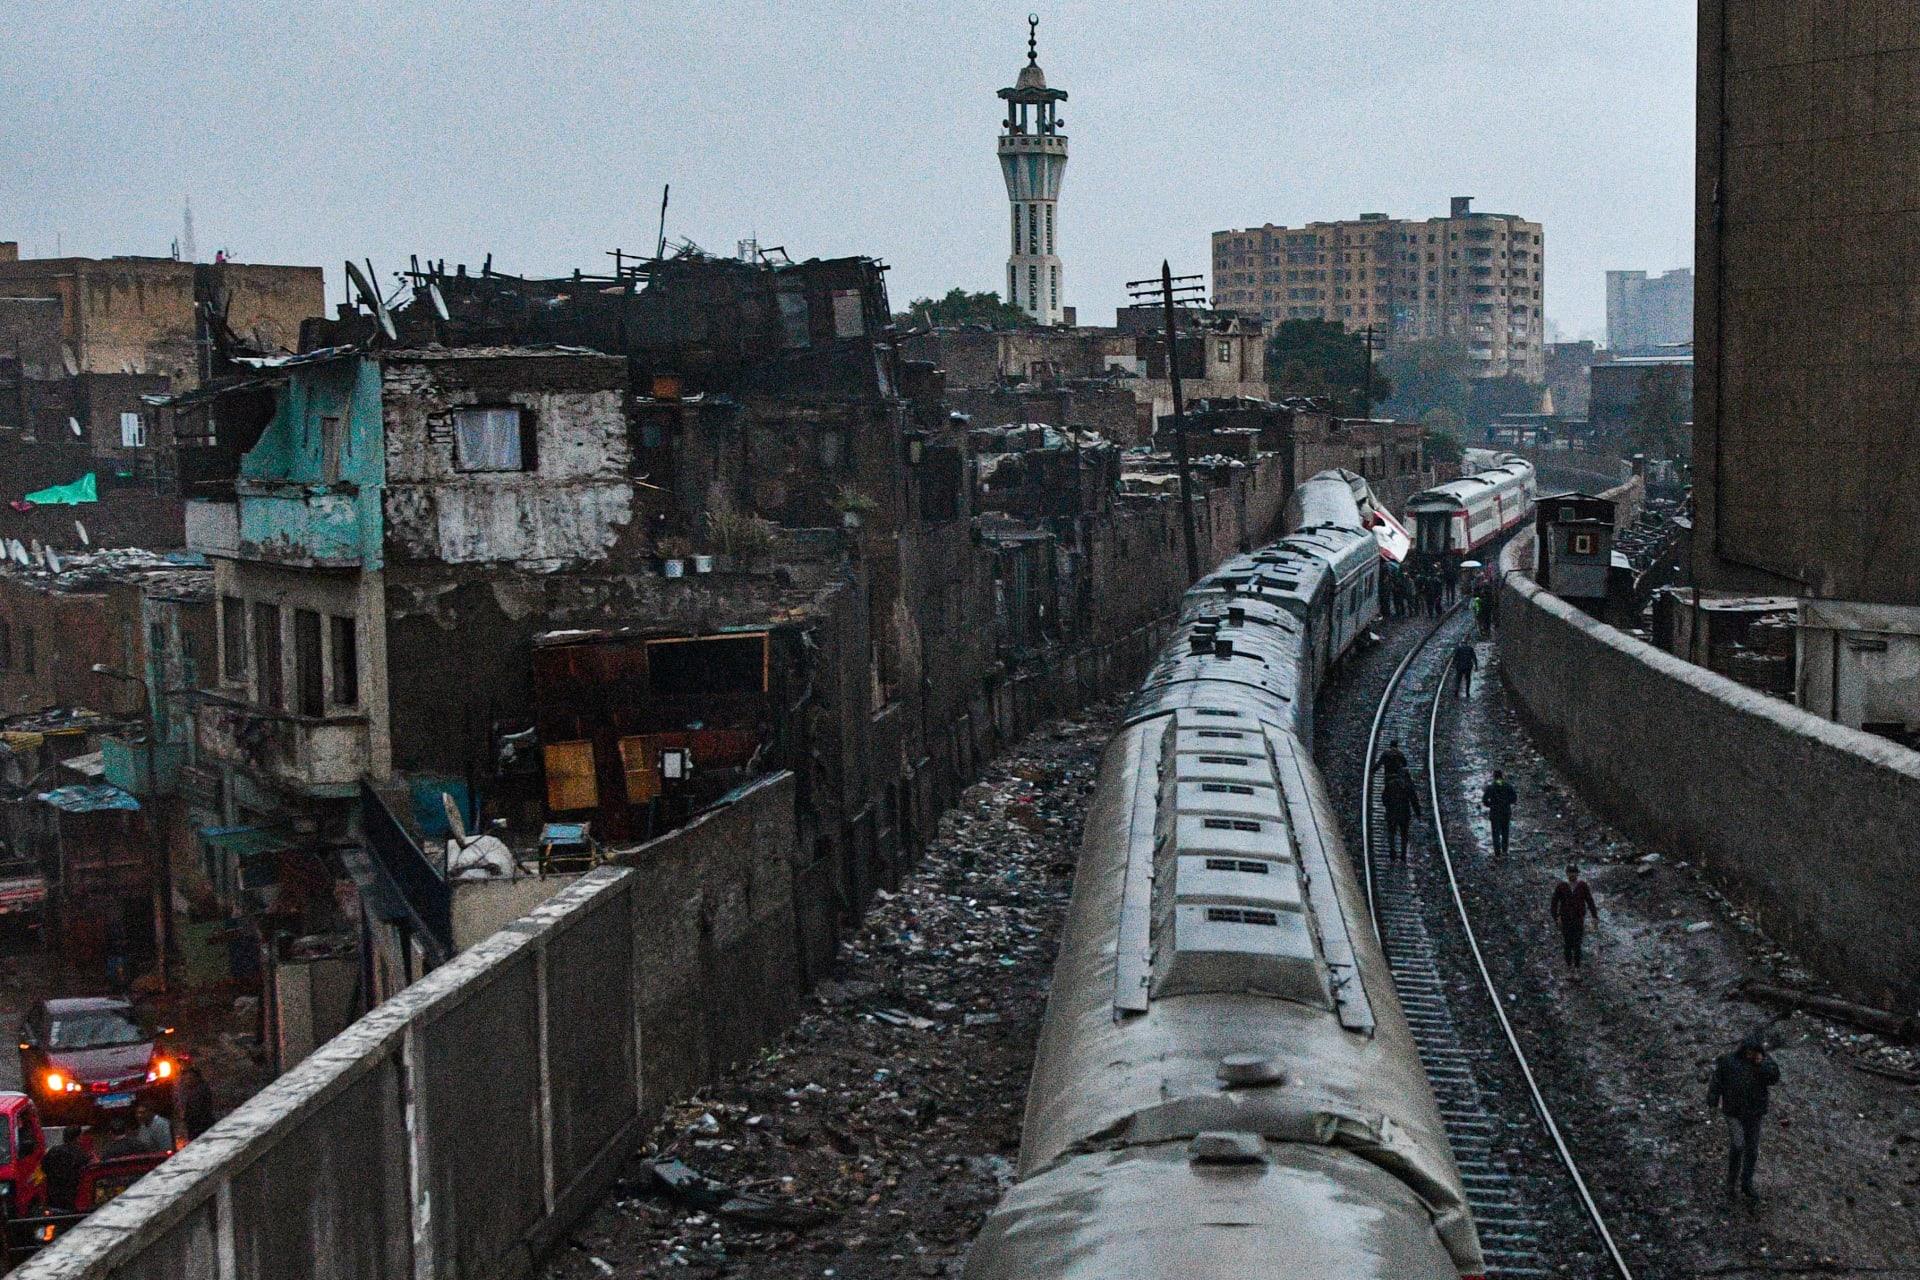 إصابة 13 شخصًا في تصادم قطارين في مصر.. وإيقاف الرحلات بسبب الطقس السيئ